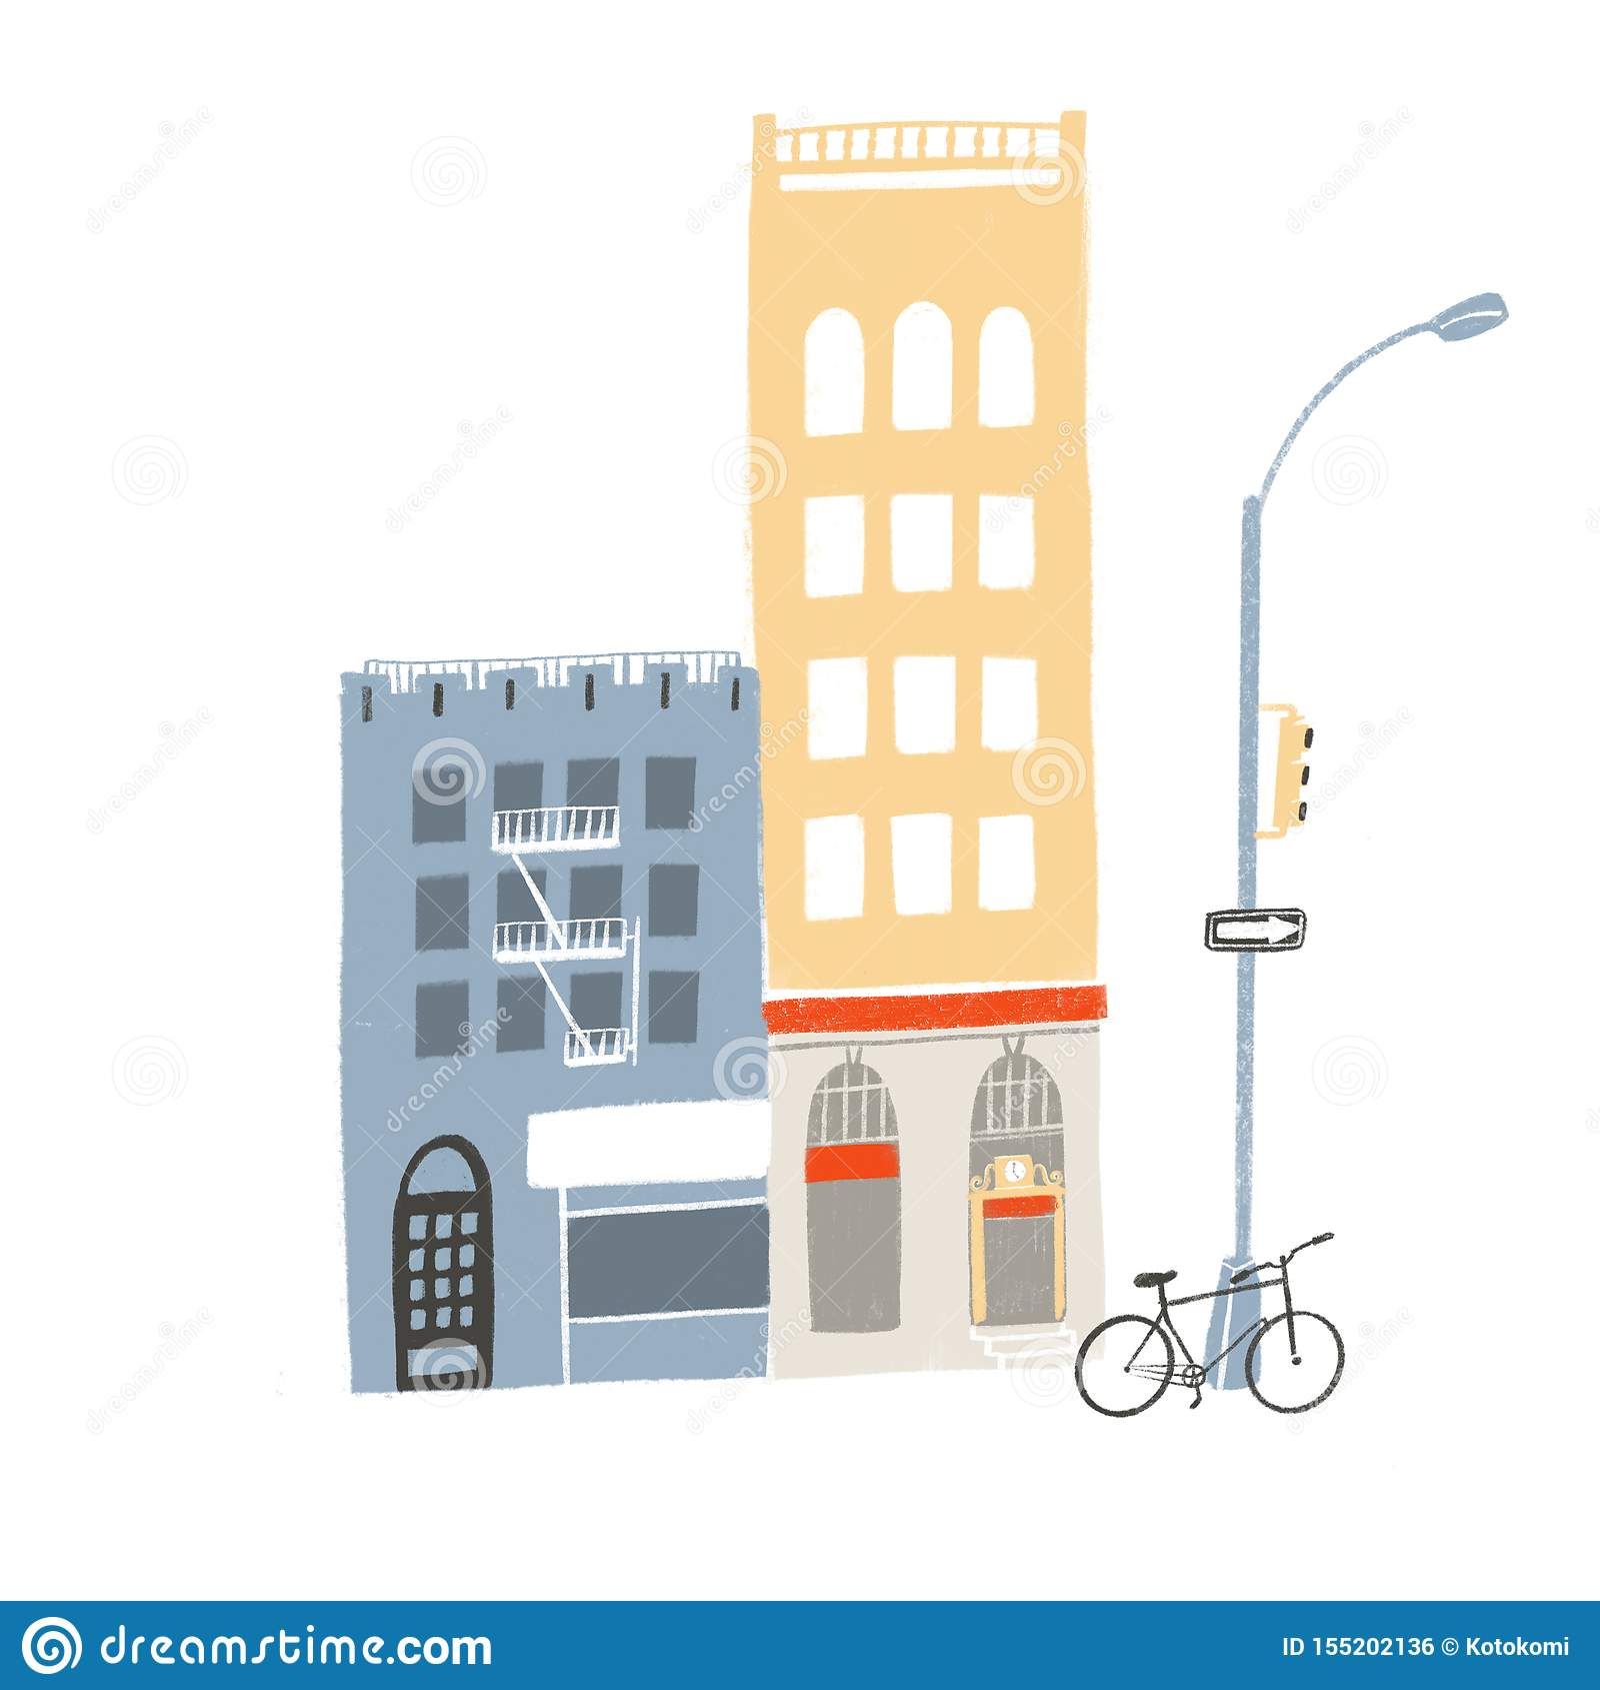 Zwei Gebäude, hoch und mittlere Straßenbild mit Speicherfronten, Café, Fahrrad und Ampeln stehen Illustration